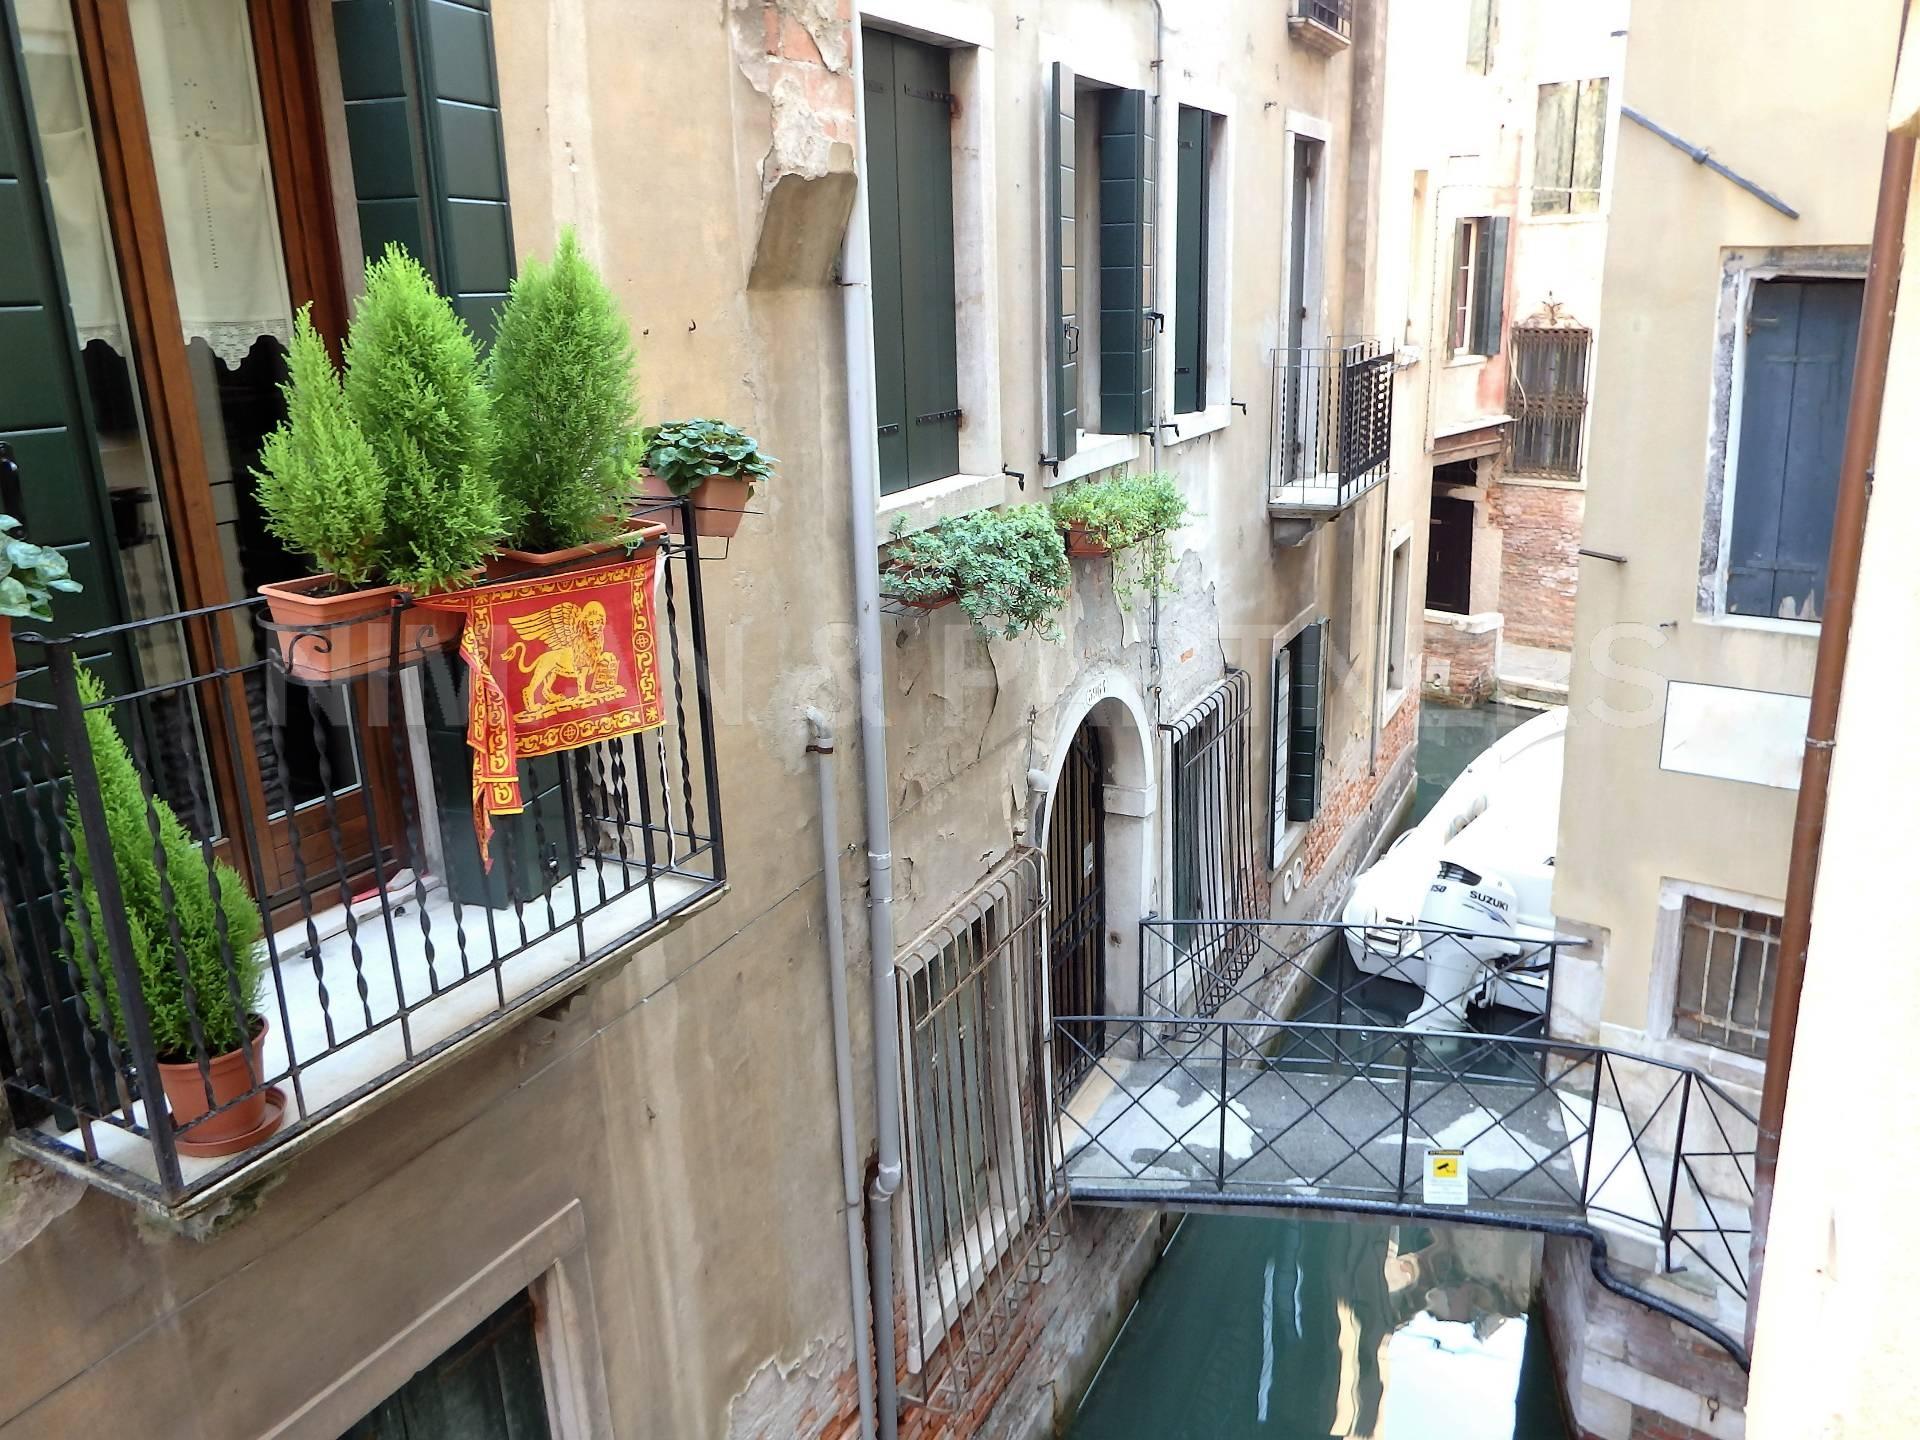 Appartamento in vendita a Venezia, 2 locali, zona Zona: 4 . Castello, prezzo € 295.000 | CambioCasa.it